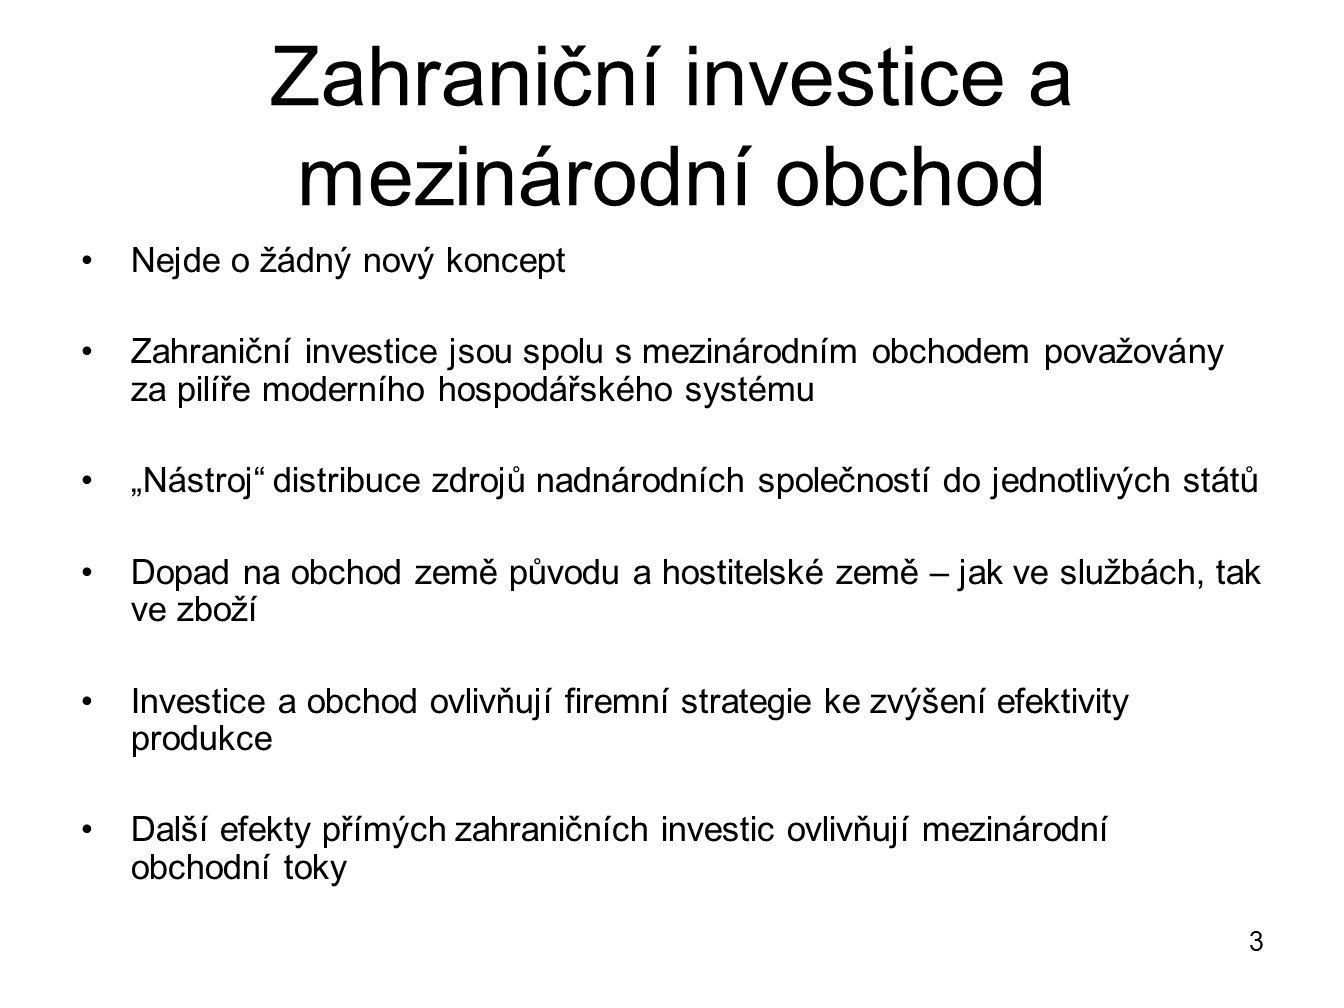 Zahraniční investice a mezinárodní obchod Nejde o žádný nový koncept Zahraniční investice jsou spolu s mezinárodním obchodem považovány za pilíře mode